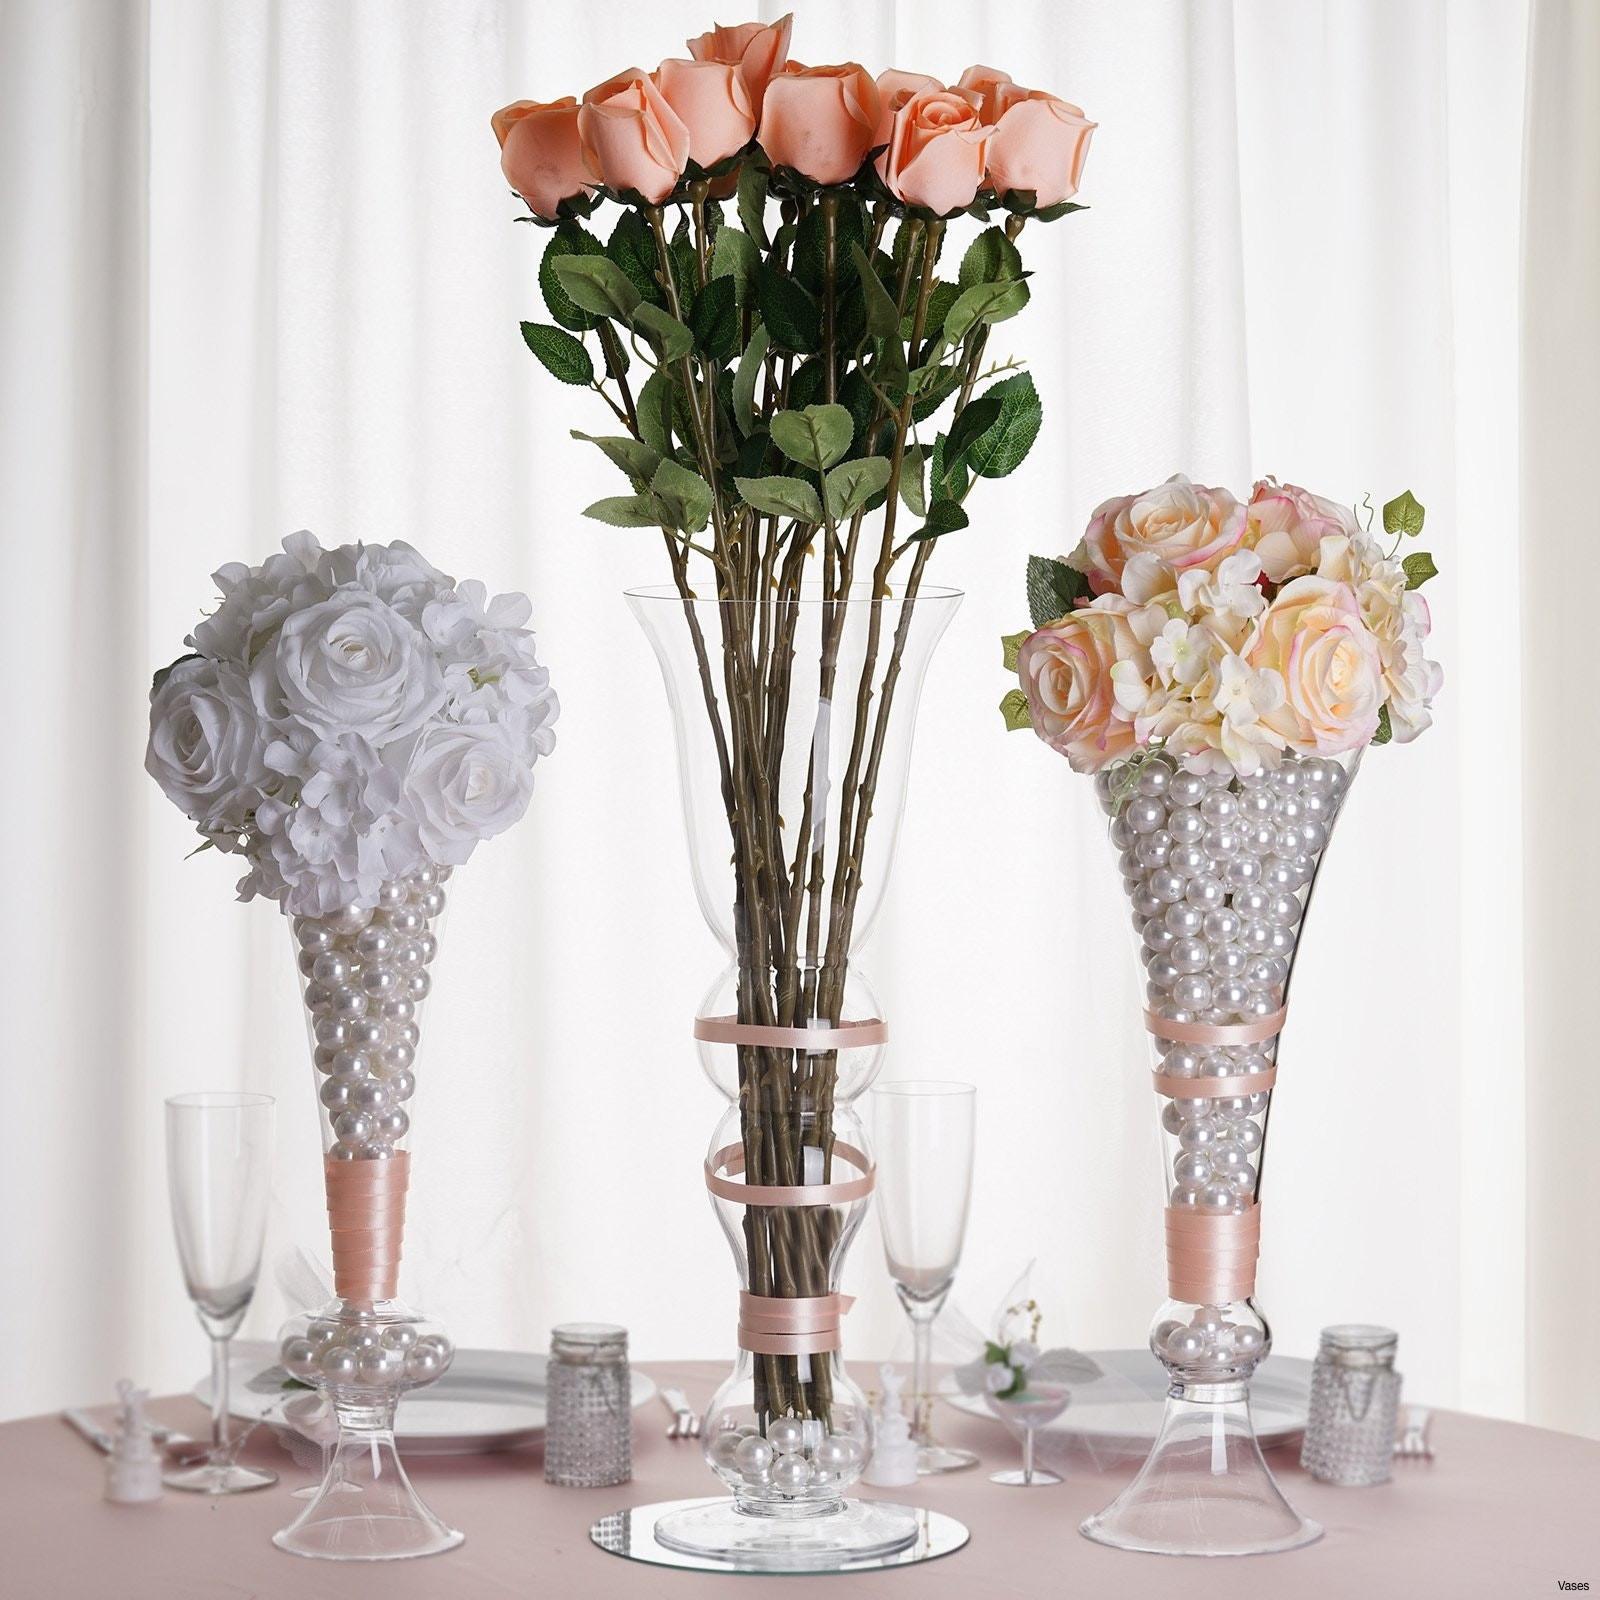 vase of lavender of table des saveurs unique flower vase table 04h vases tablei 0d intended for flower vase table 04h vases tablei 0d clipart dining base end design